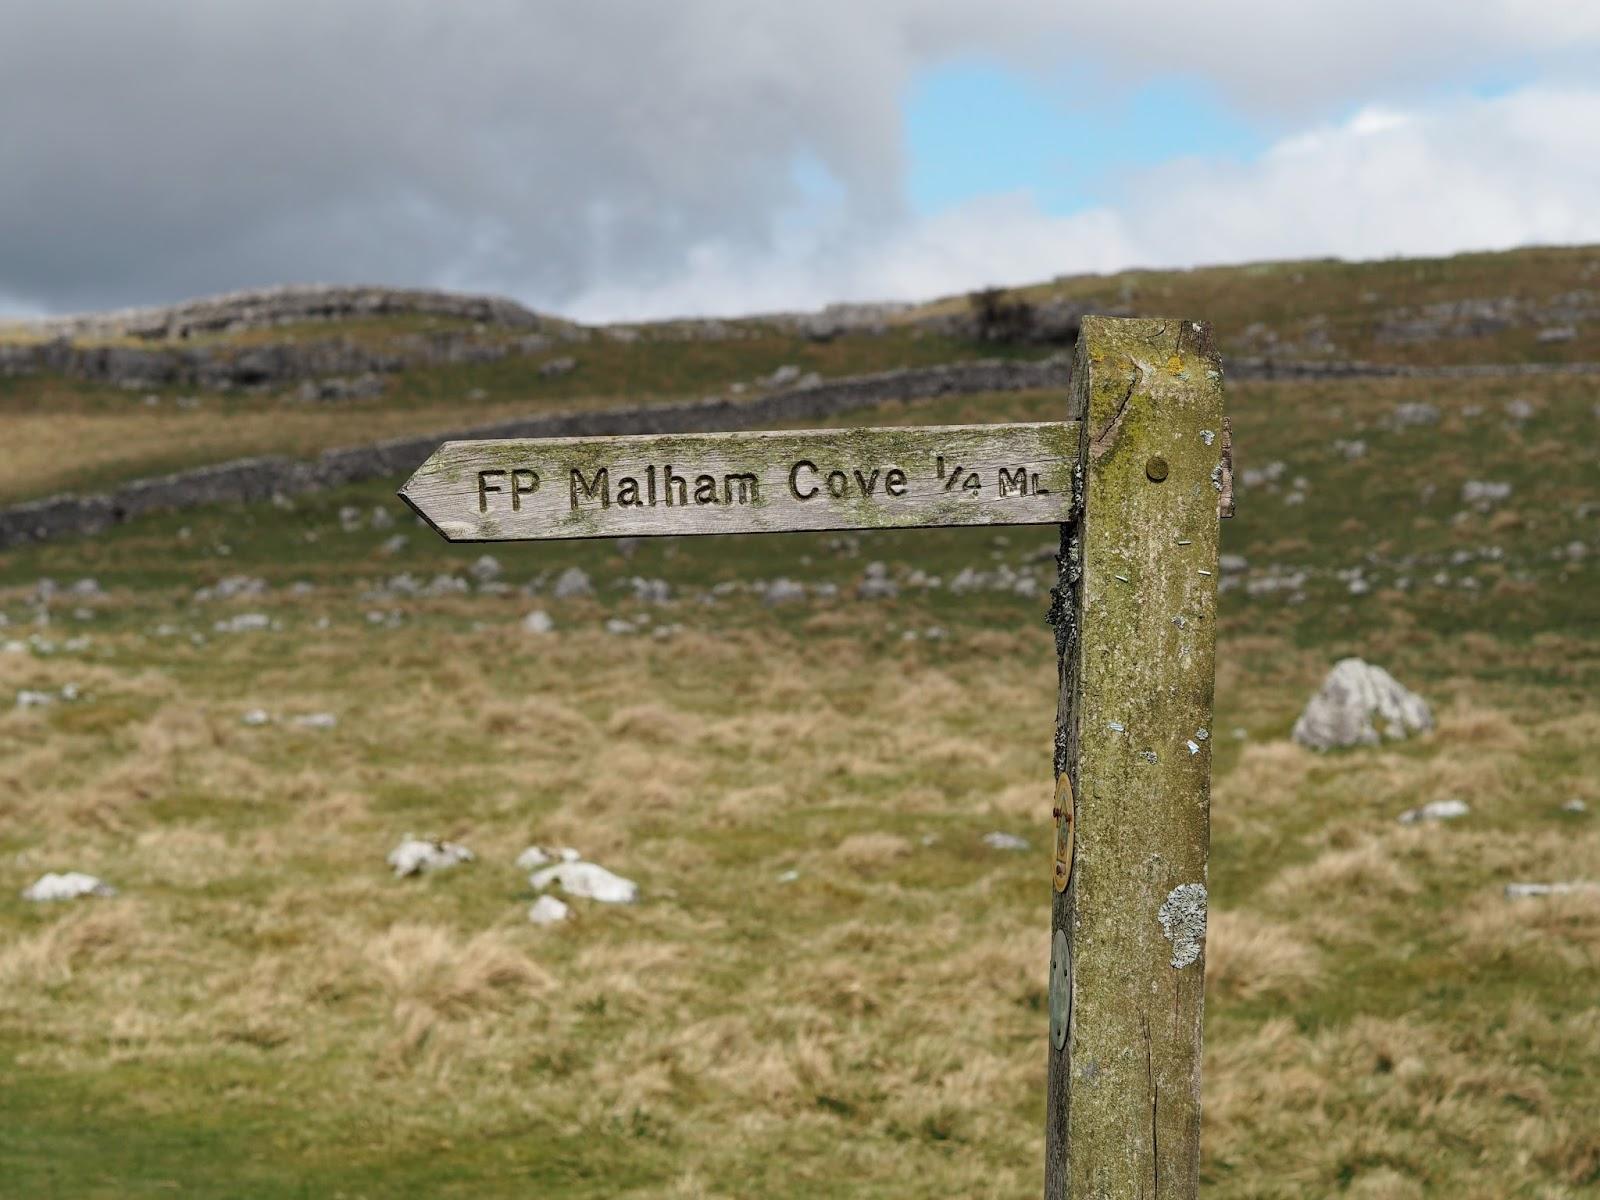 Malham cove